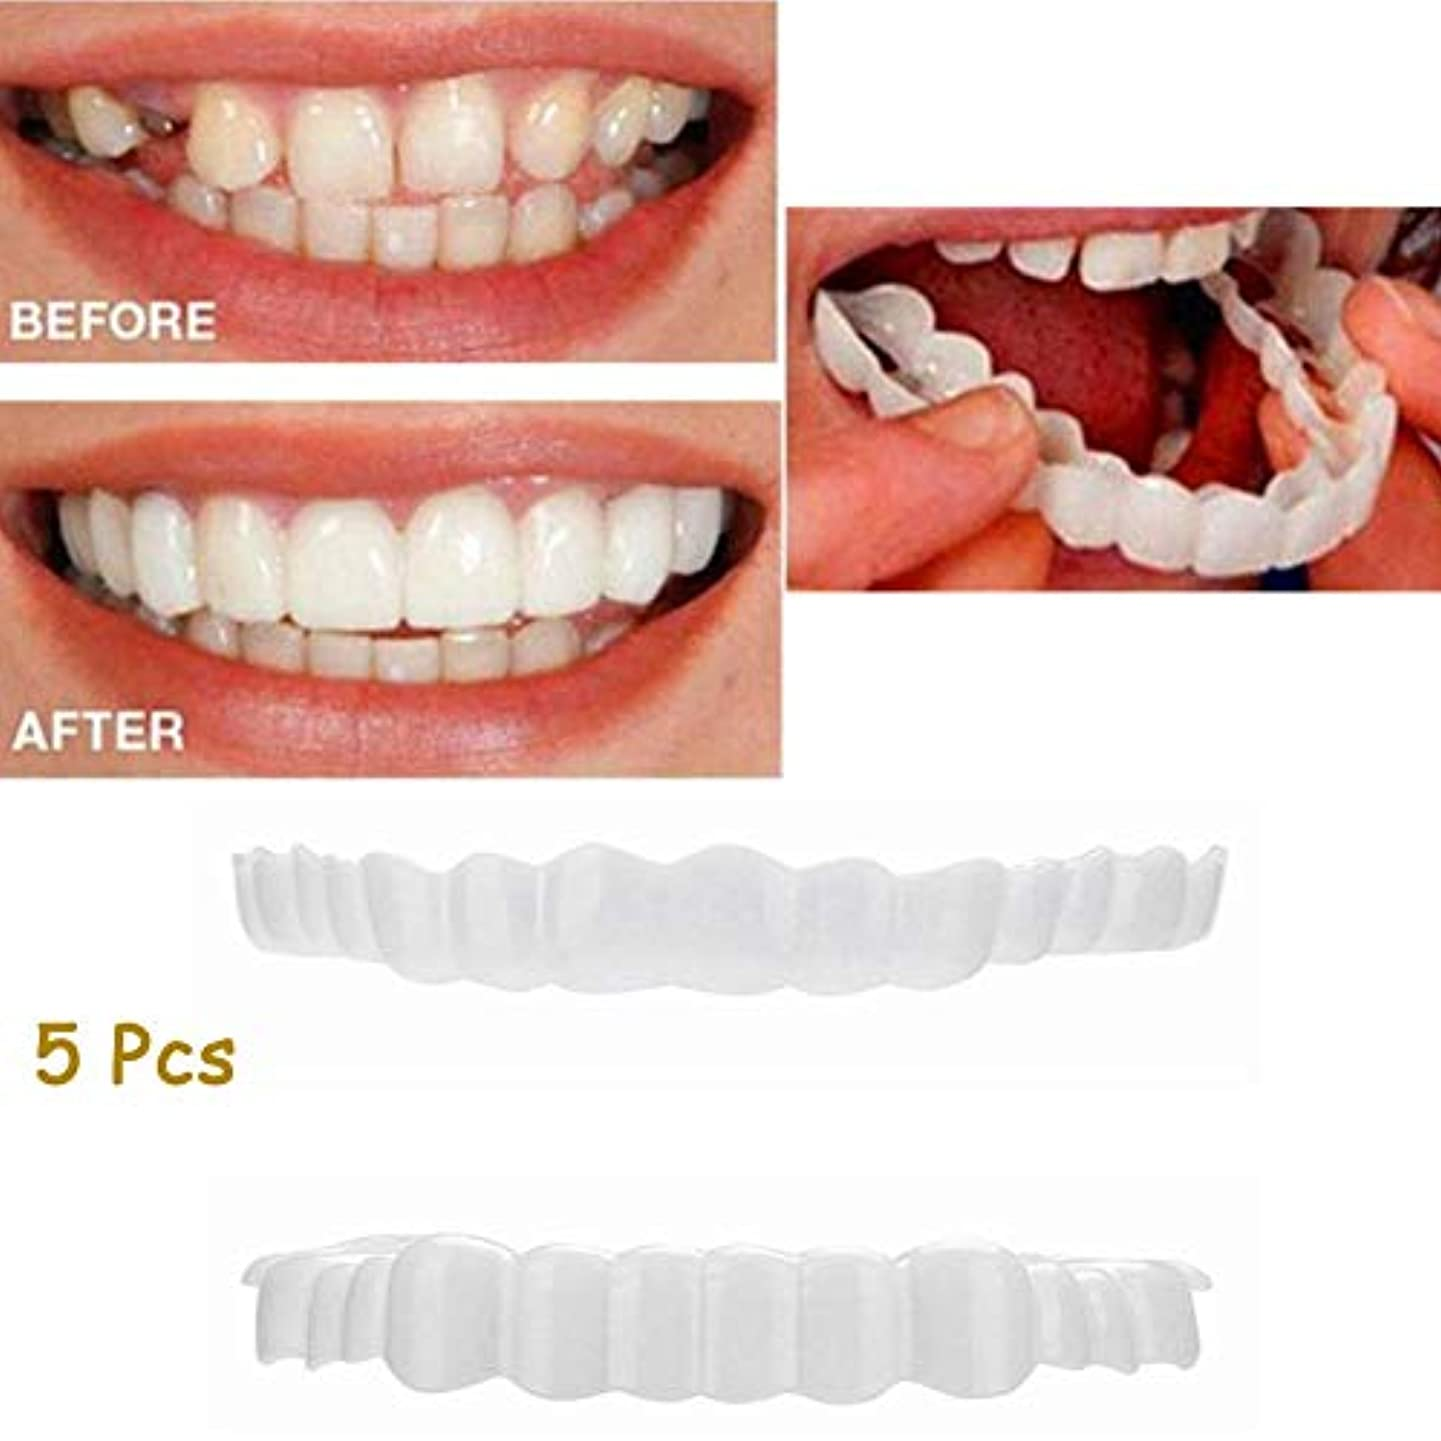 ミトンチューブ学生5本の上歯+下歯セット偽の歯を白くする完璧な化粧品の歯